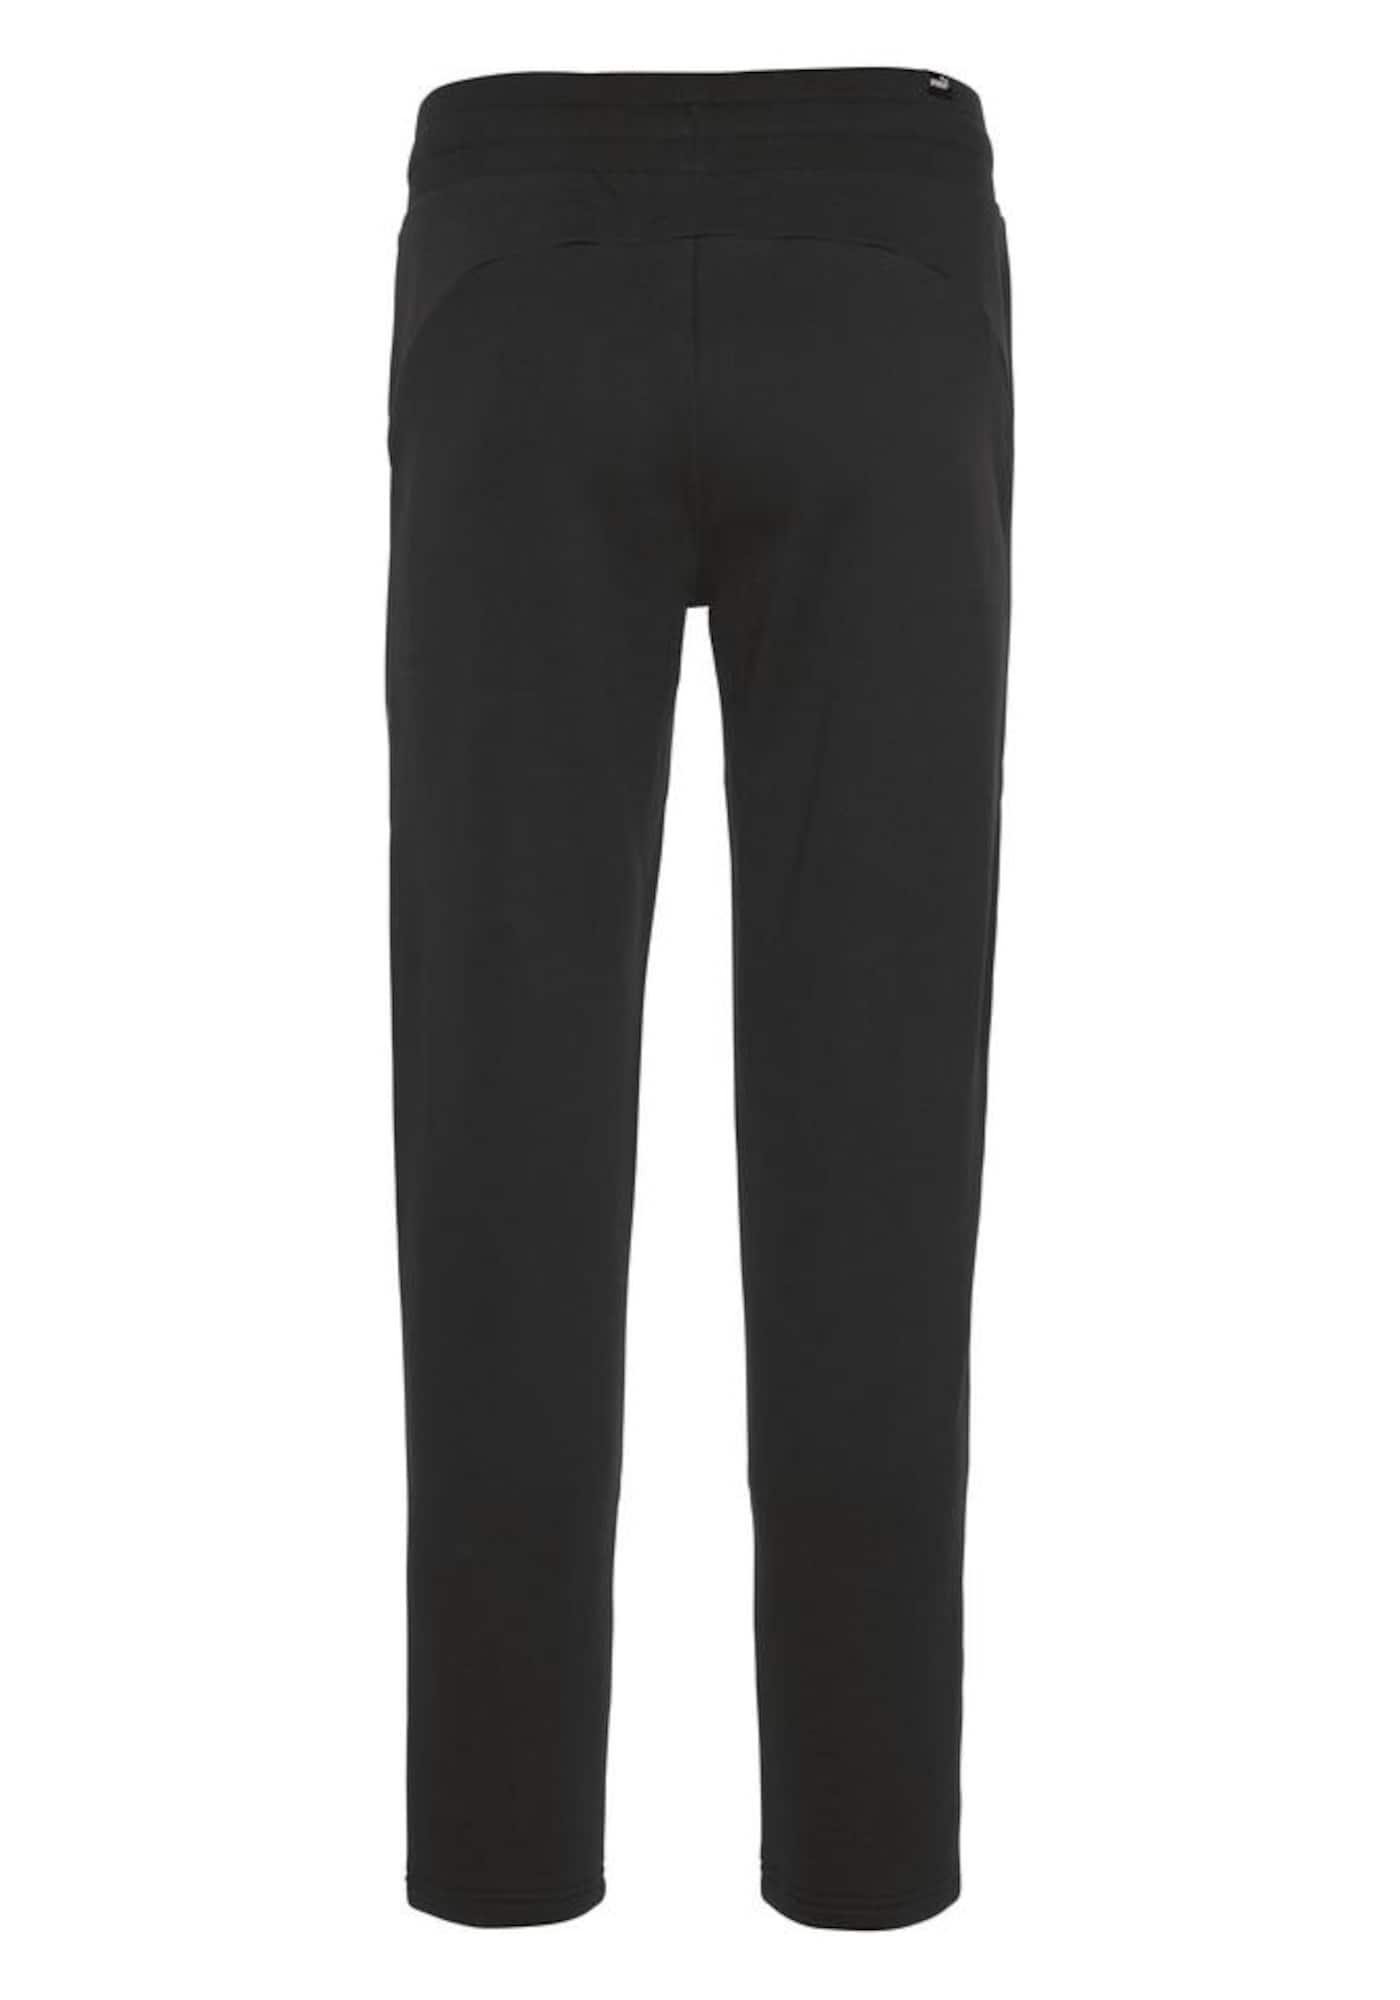 Sportovní kalhoty Tape černá bílá PUMA